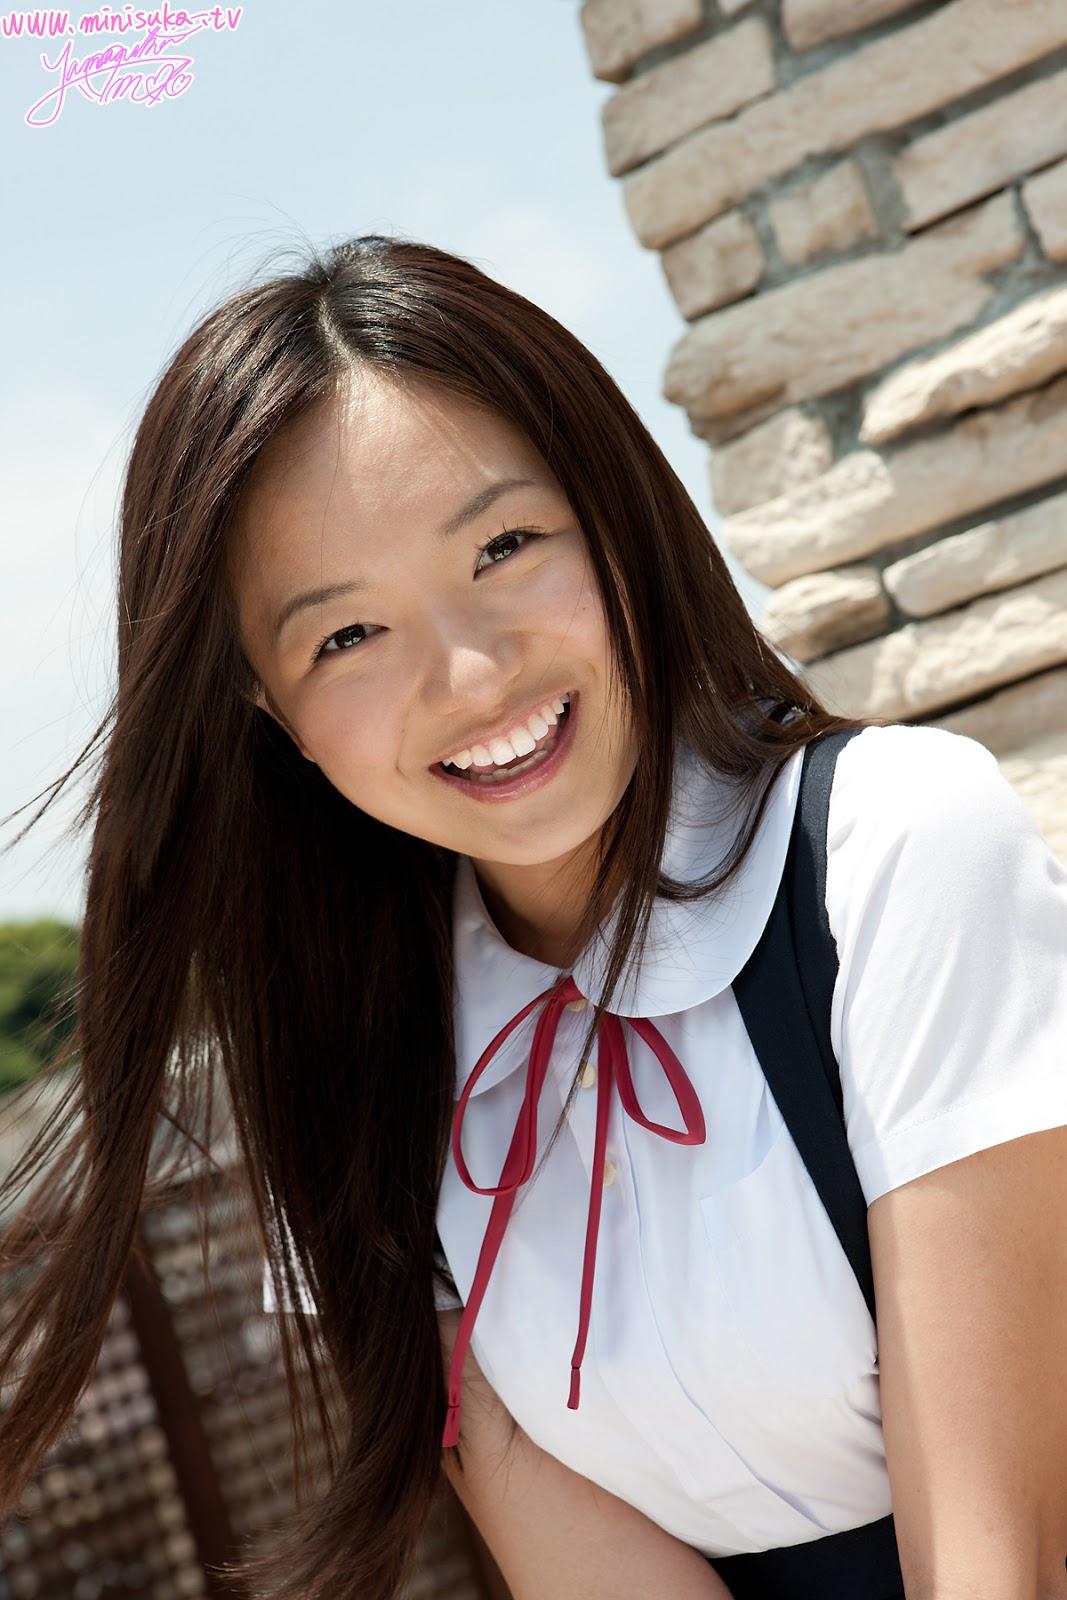 yamanaka bugil Mayumi